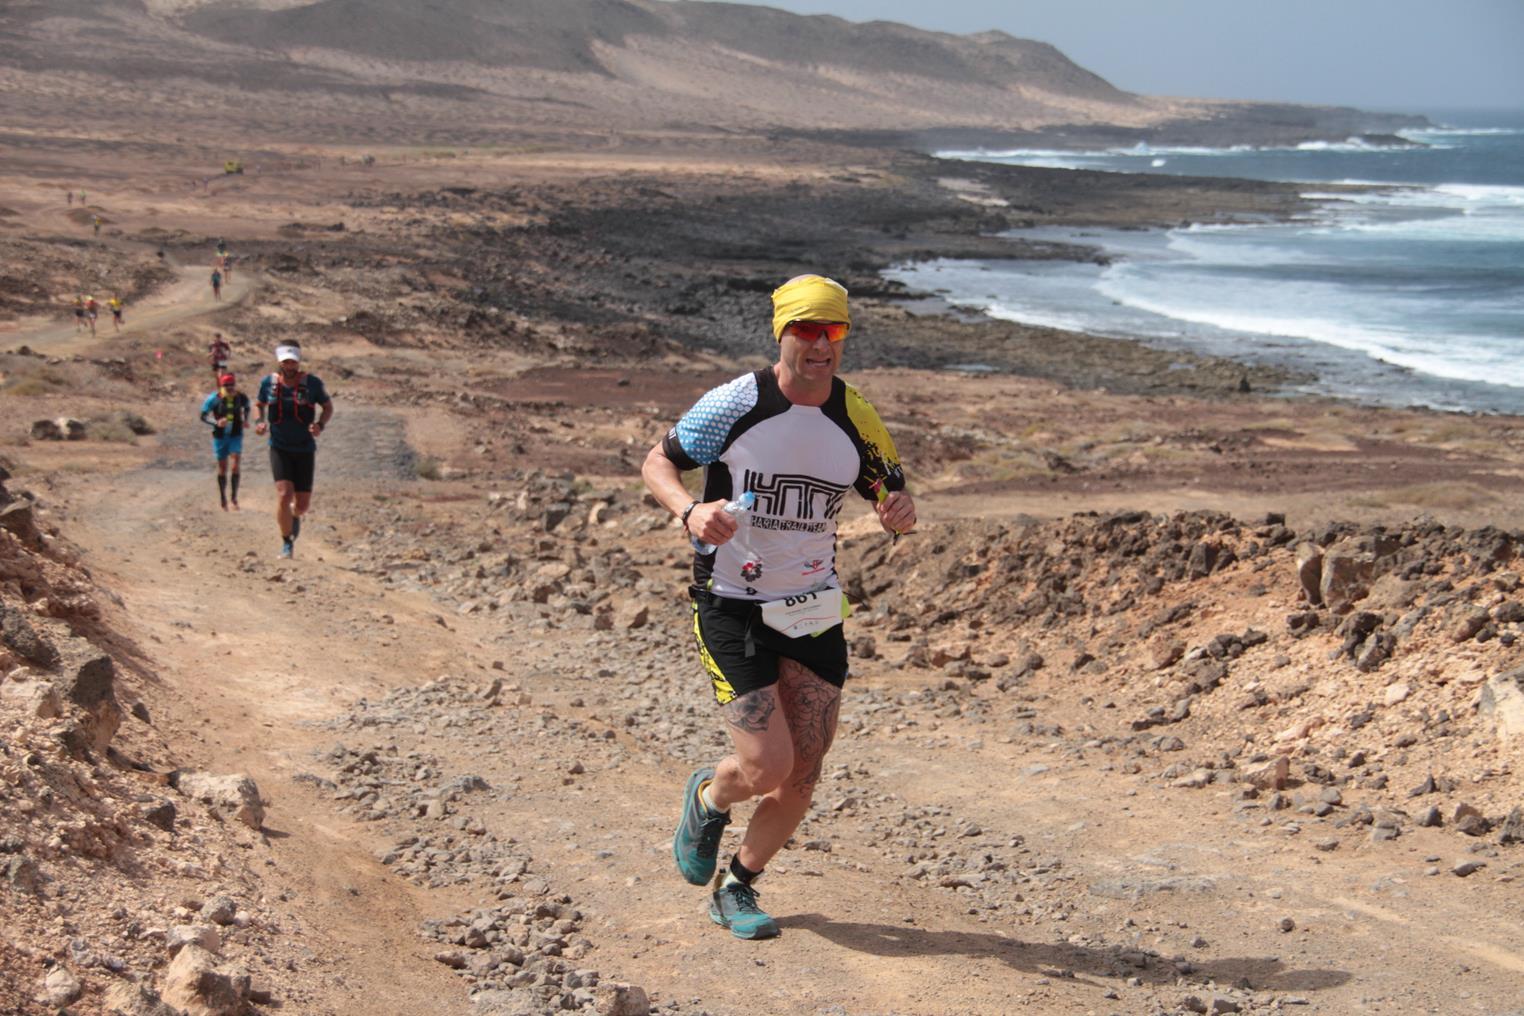 Desafio-Trail-422